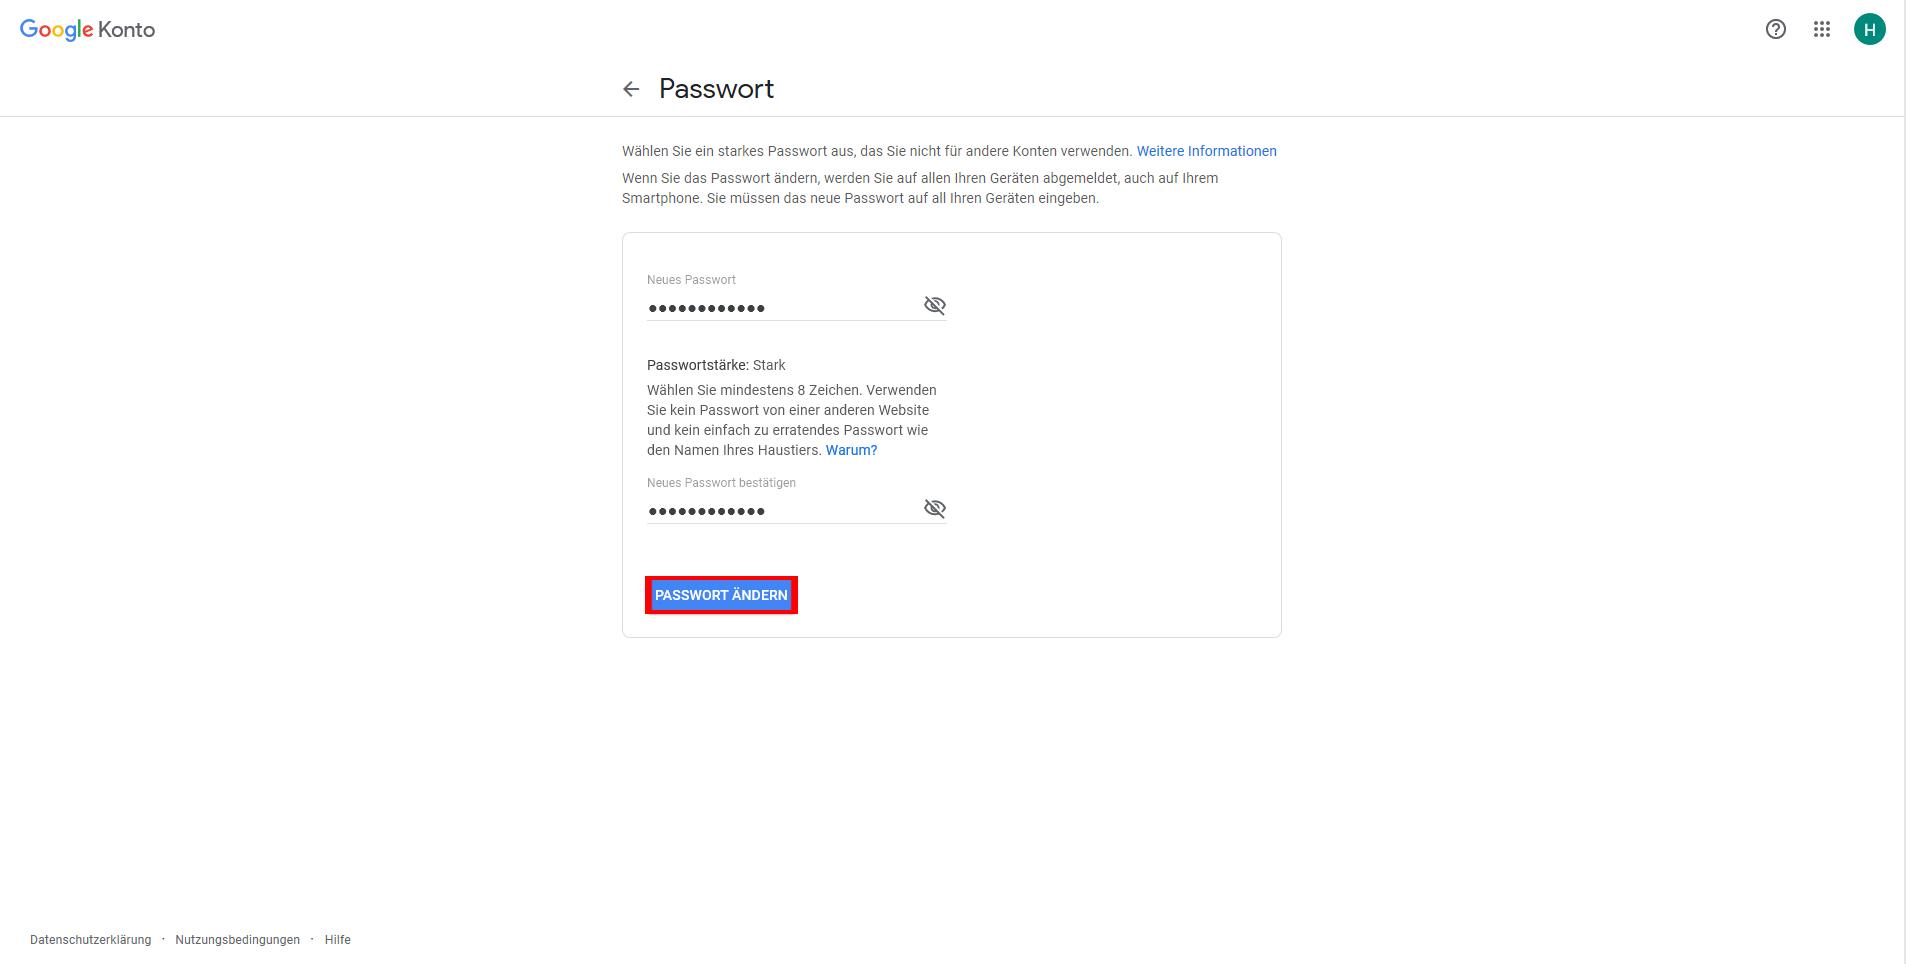 Neues Passwort vergeben - achten Sie auf die Passwortstärke